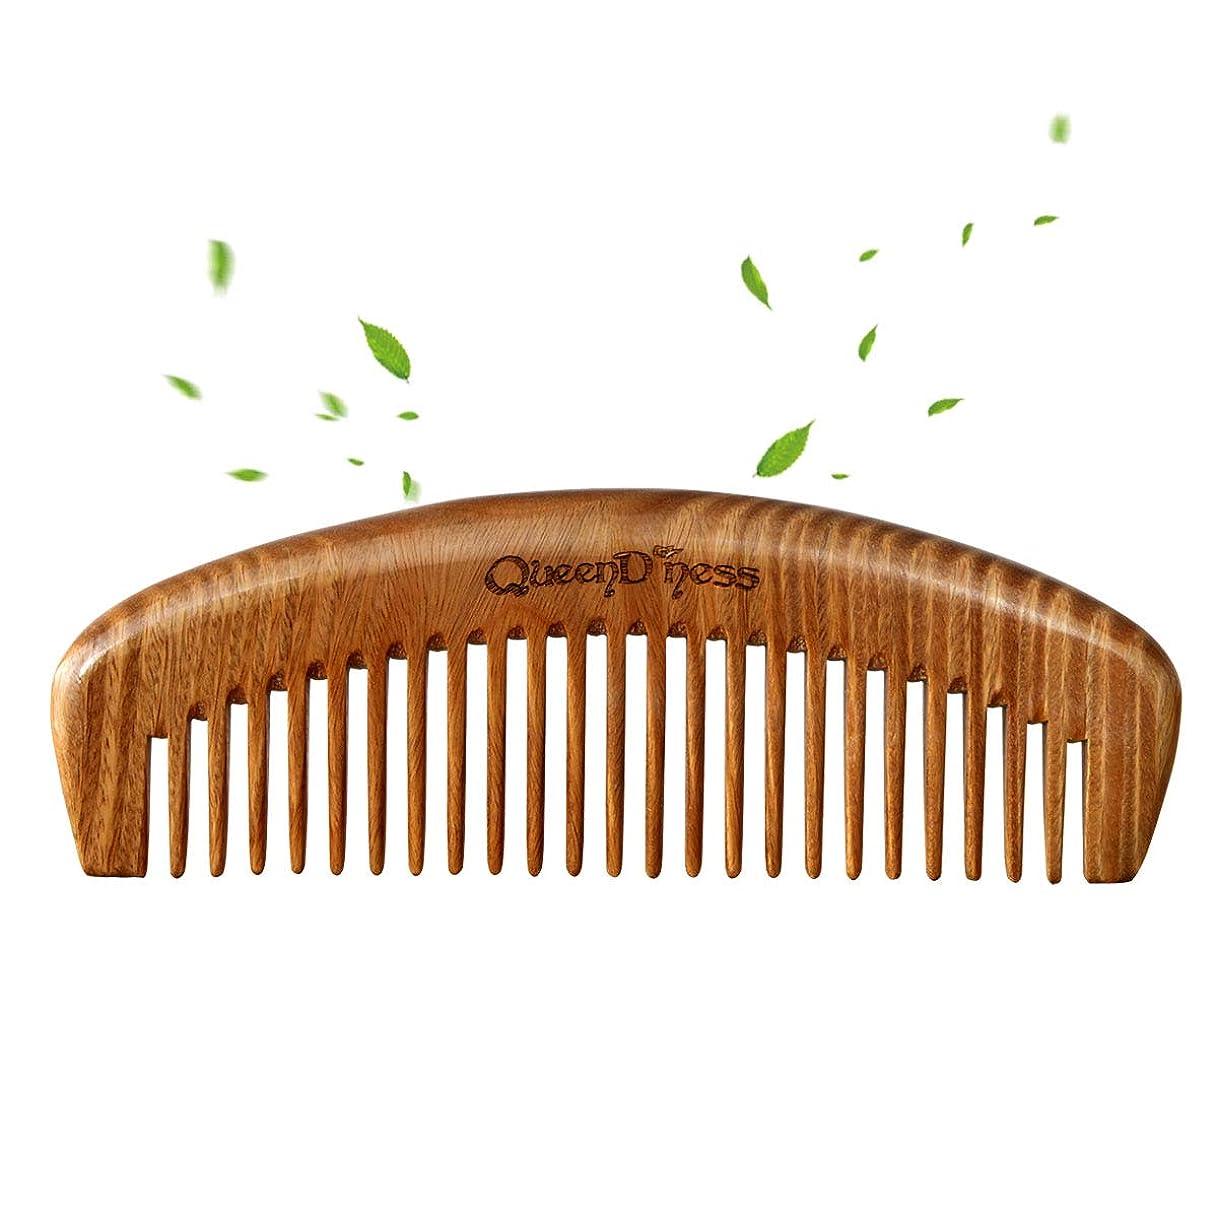 崩壊力強い意味のあるヘアブラシ つげ櫛 頭皮マッサージ 静電防止コーム 頭部血行促進 かみ枝毛防止 高級天然緑檀木 木製 艶髪ブラシ メンズレディース用 ギフトボックス付き(W02))